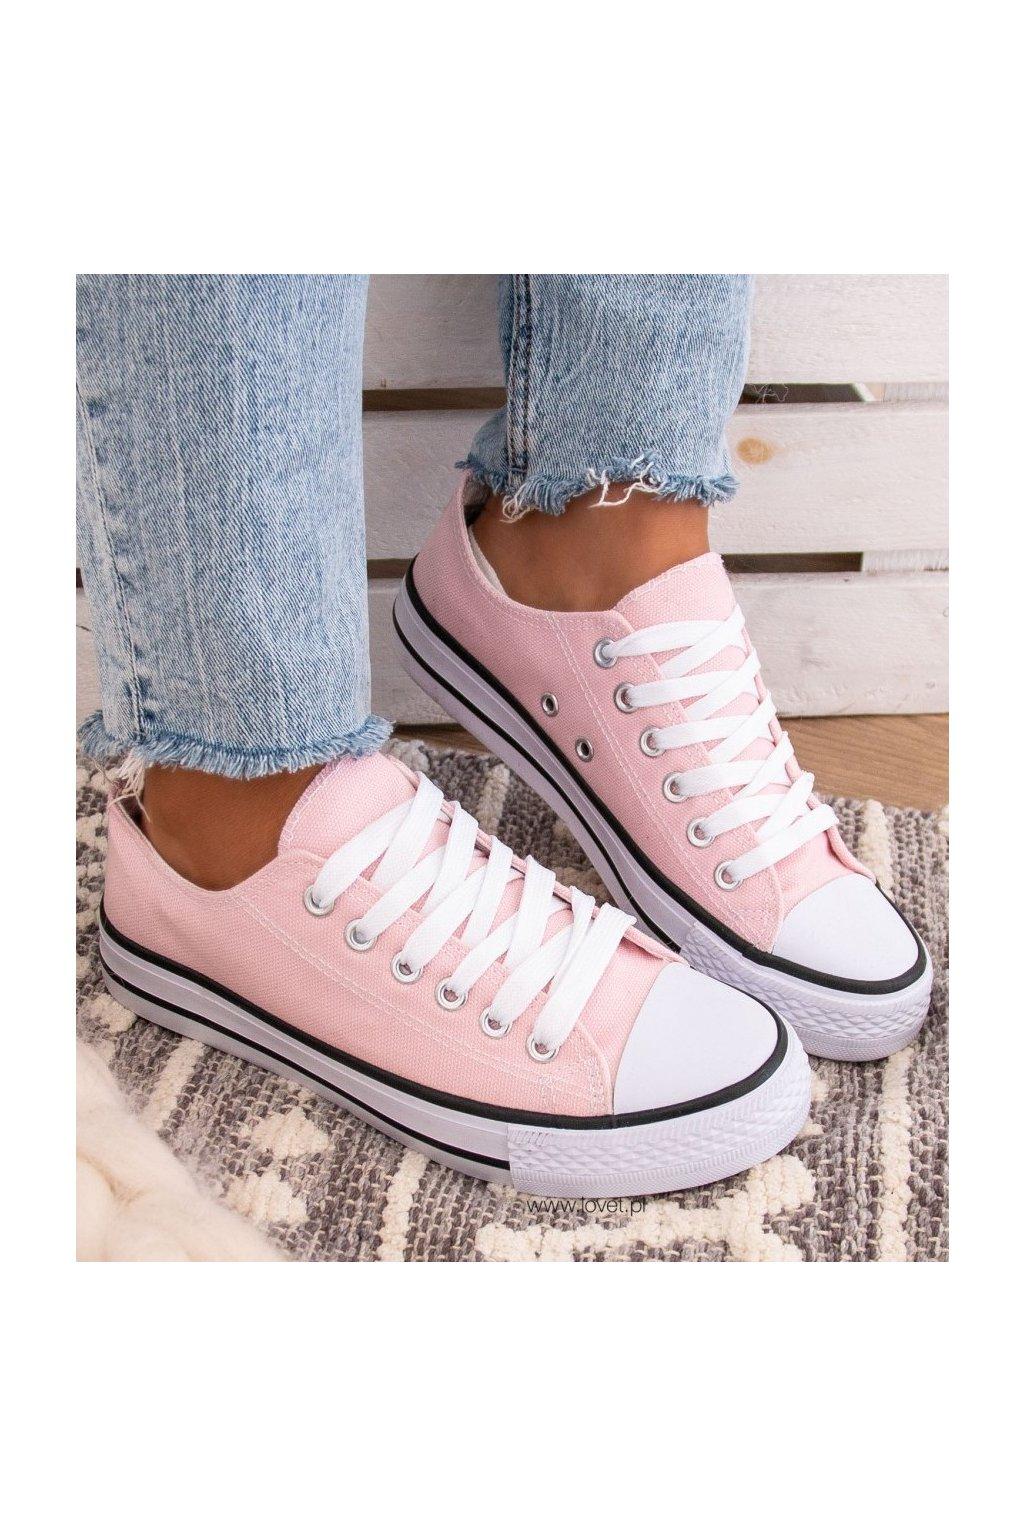 trampki tenisowki rozowe classic pink